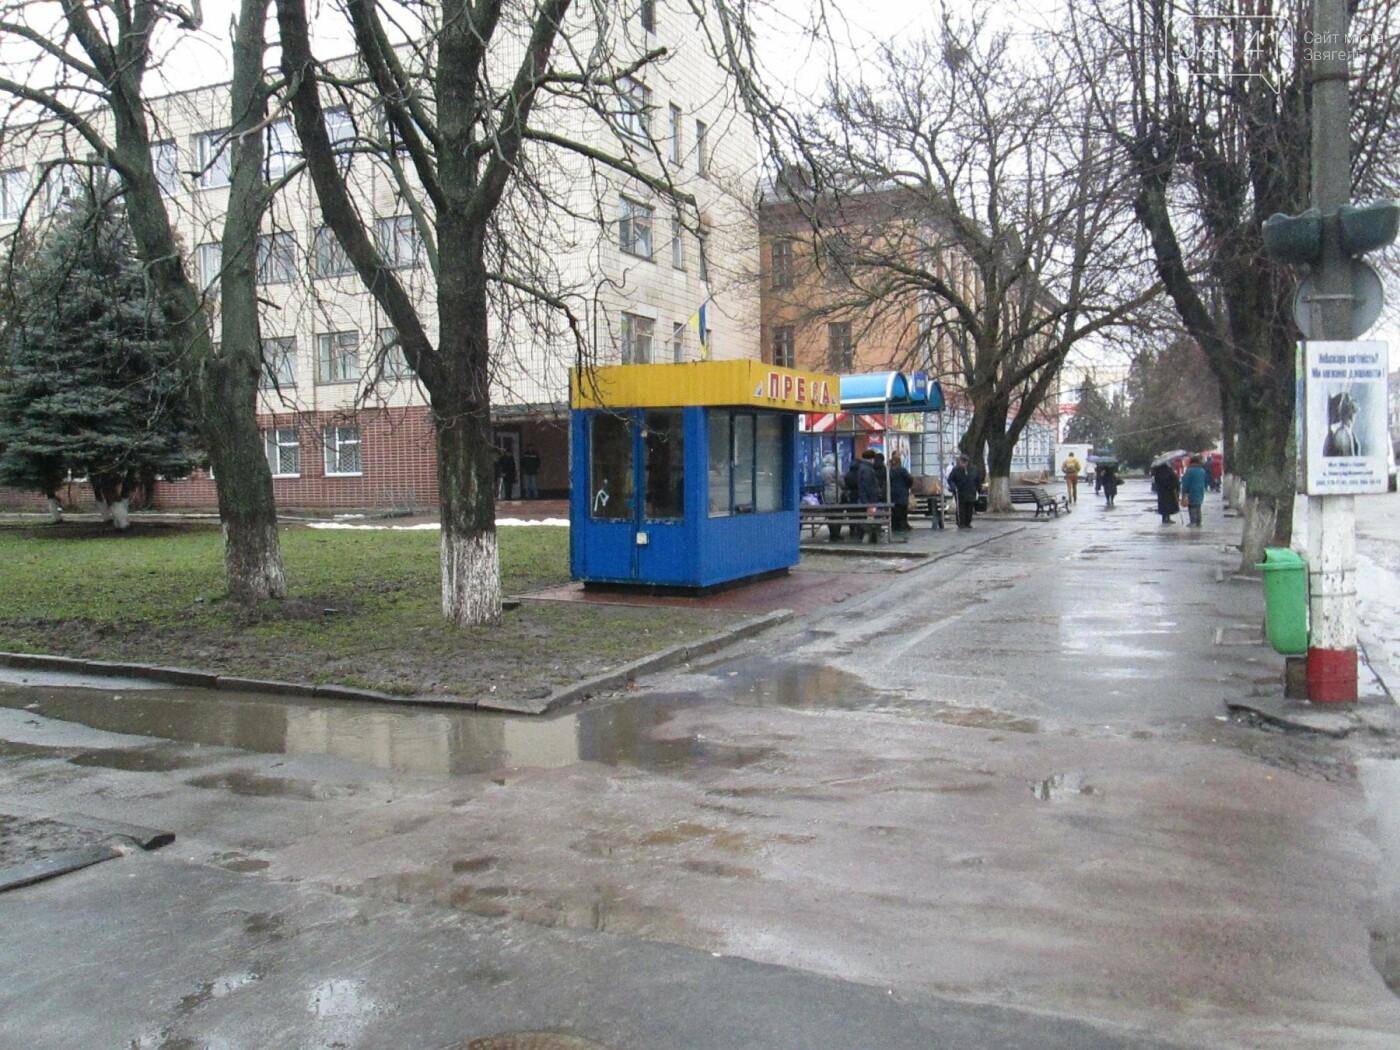 Будуть працювати: У центрі Новограда-Волинського відновив роботу поштовий кіоск, фото-1